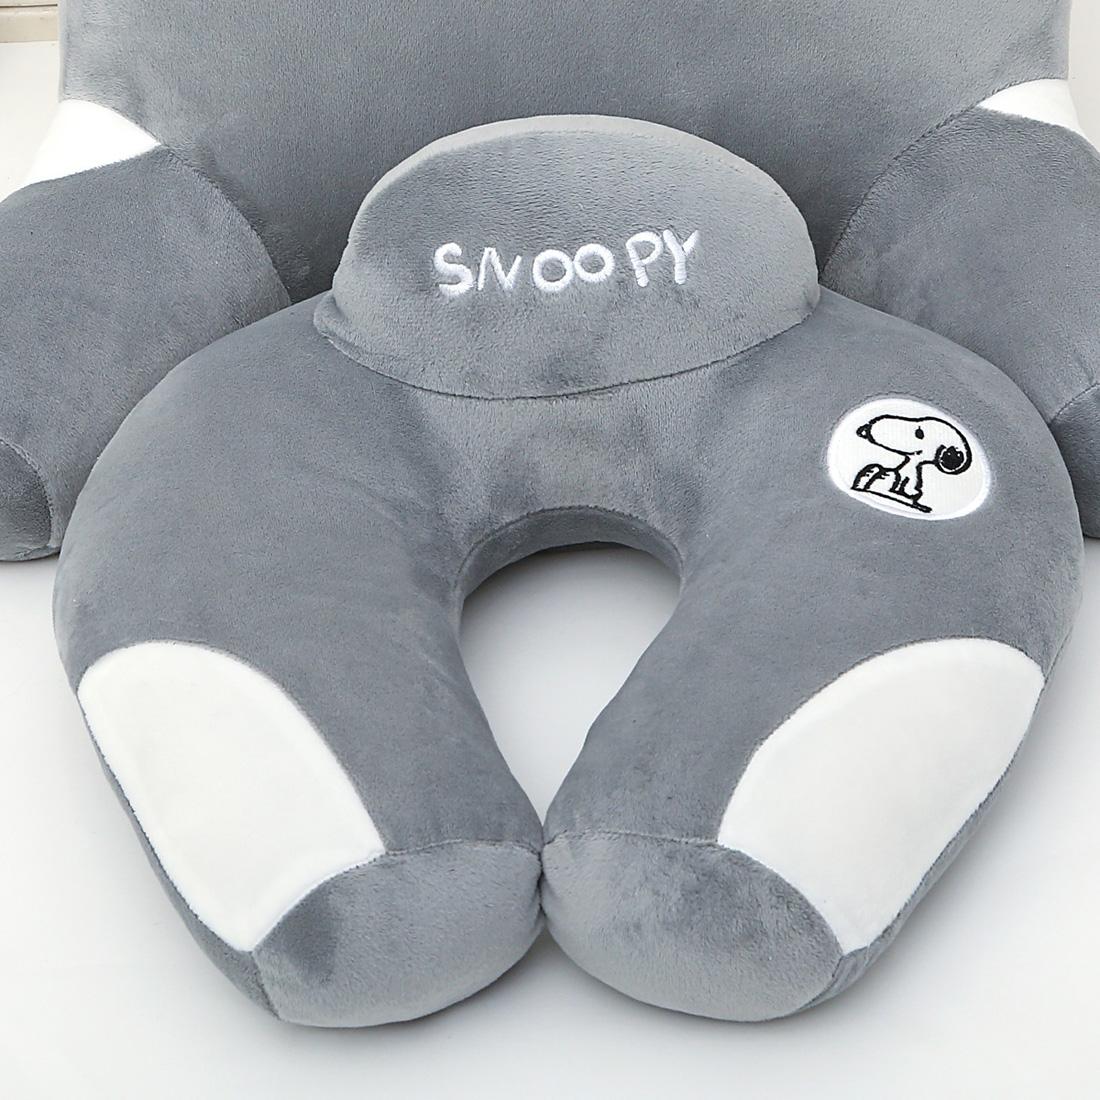 史努比卡通U型枕頭護頸枕保健頸椎枕午睡辦公室枕旅行護脖子靠枕